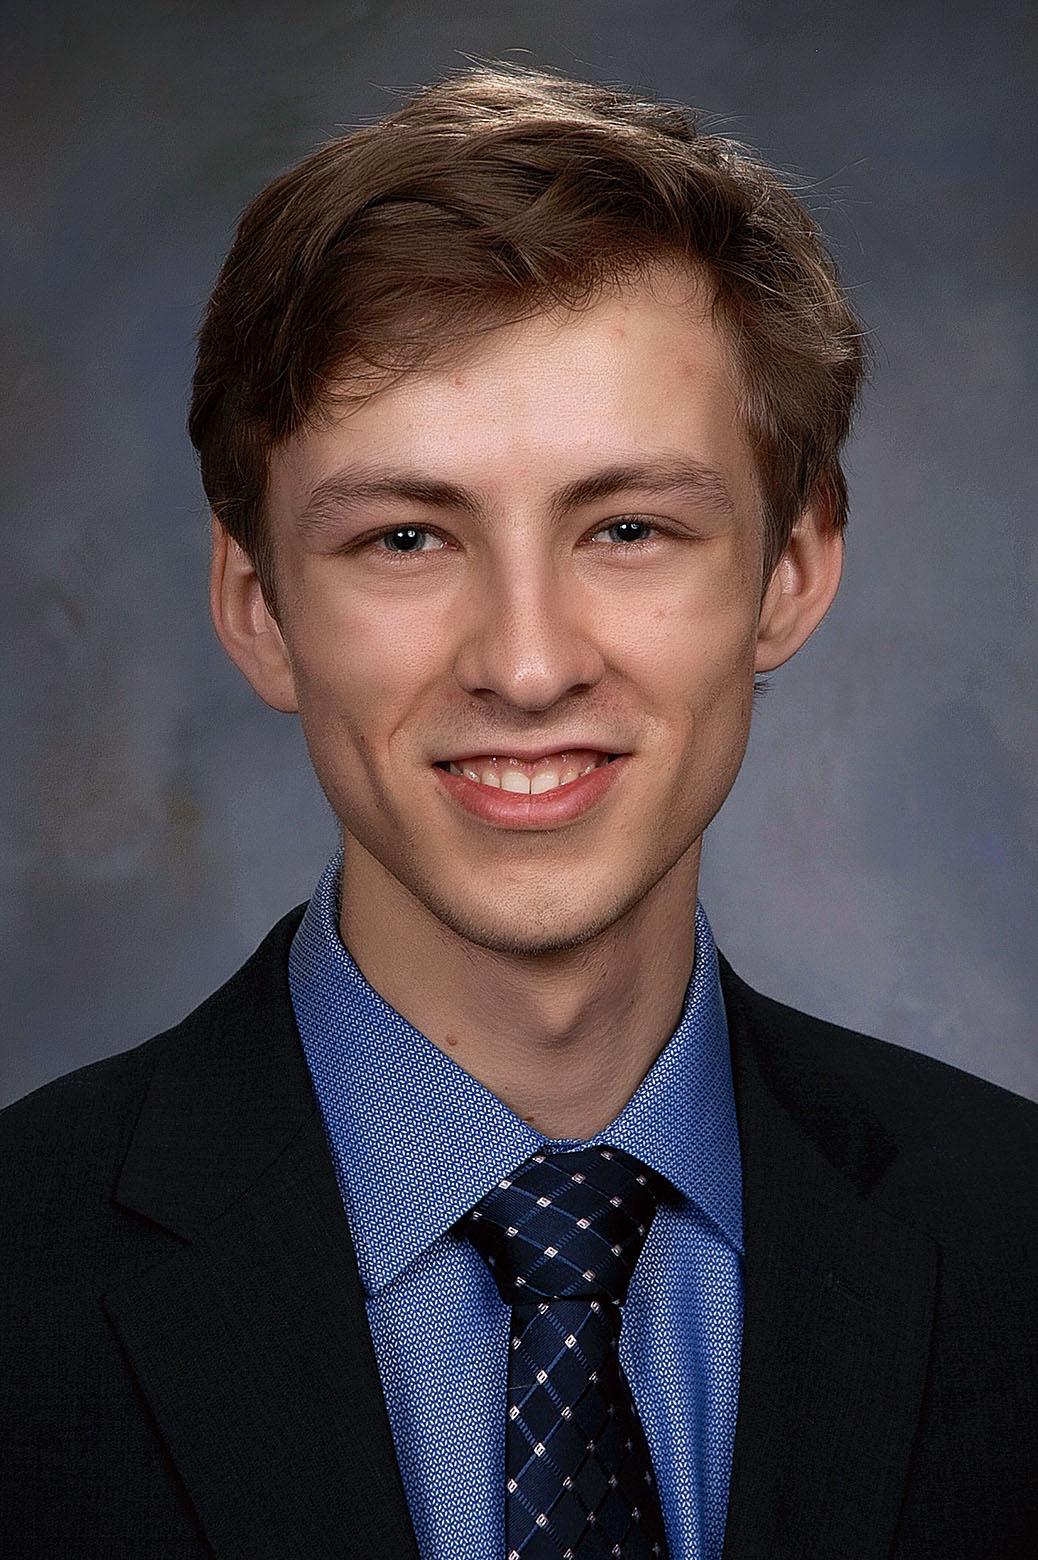 image of Jacob Florian